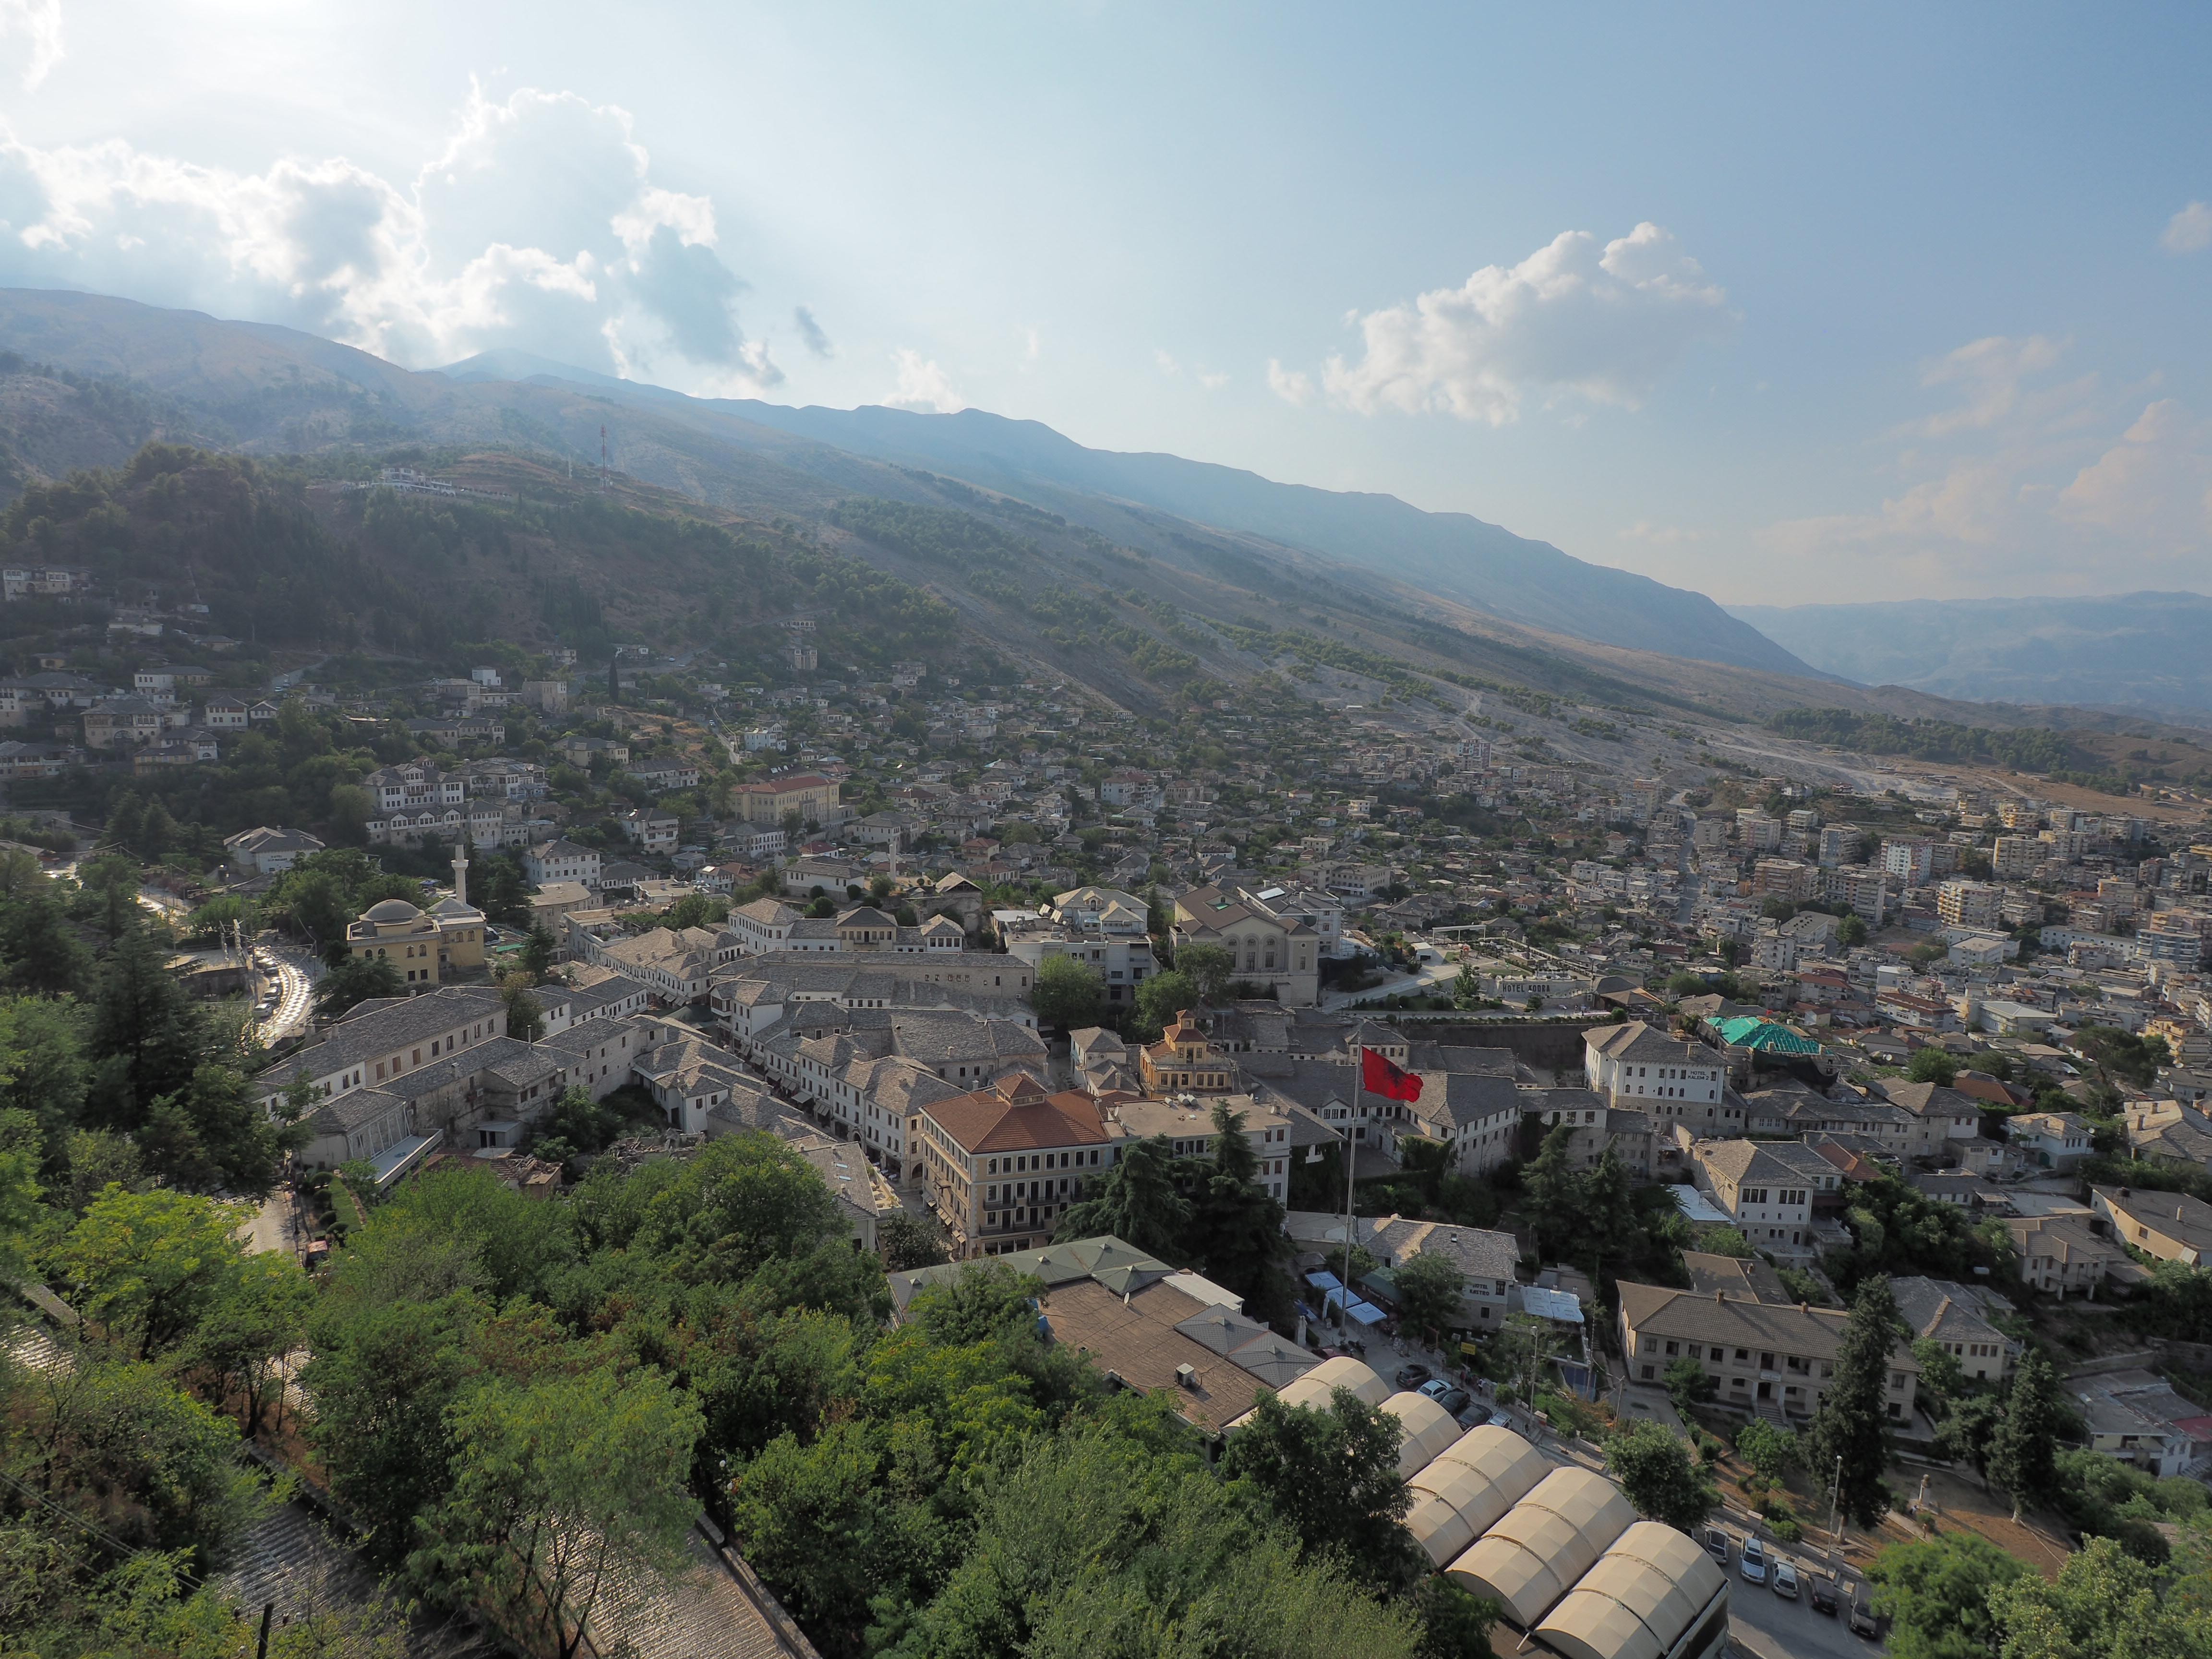 Gjirokaster – Von Spionageflugzeugen und einer verwinkelten Altstadt